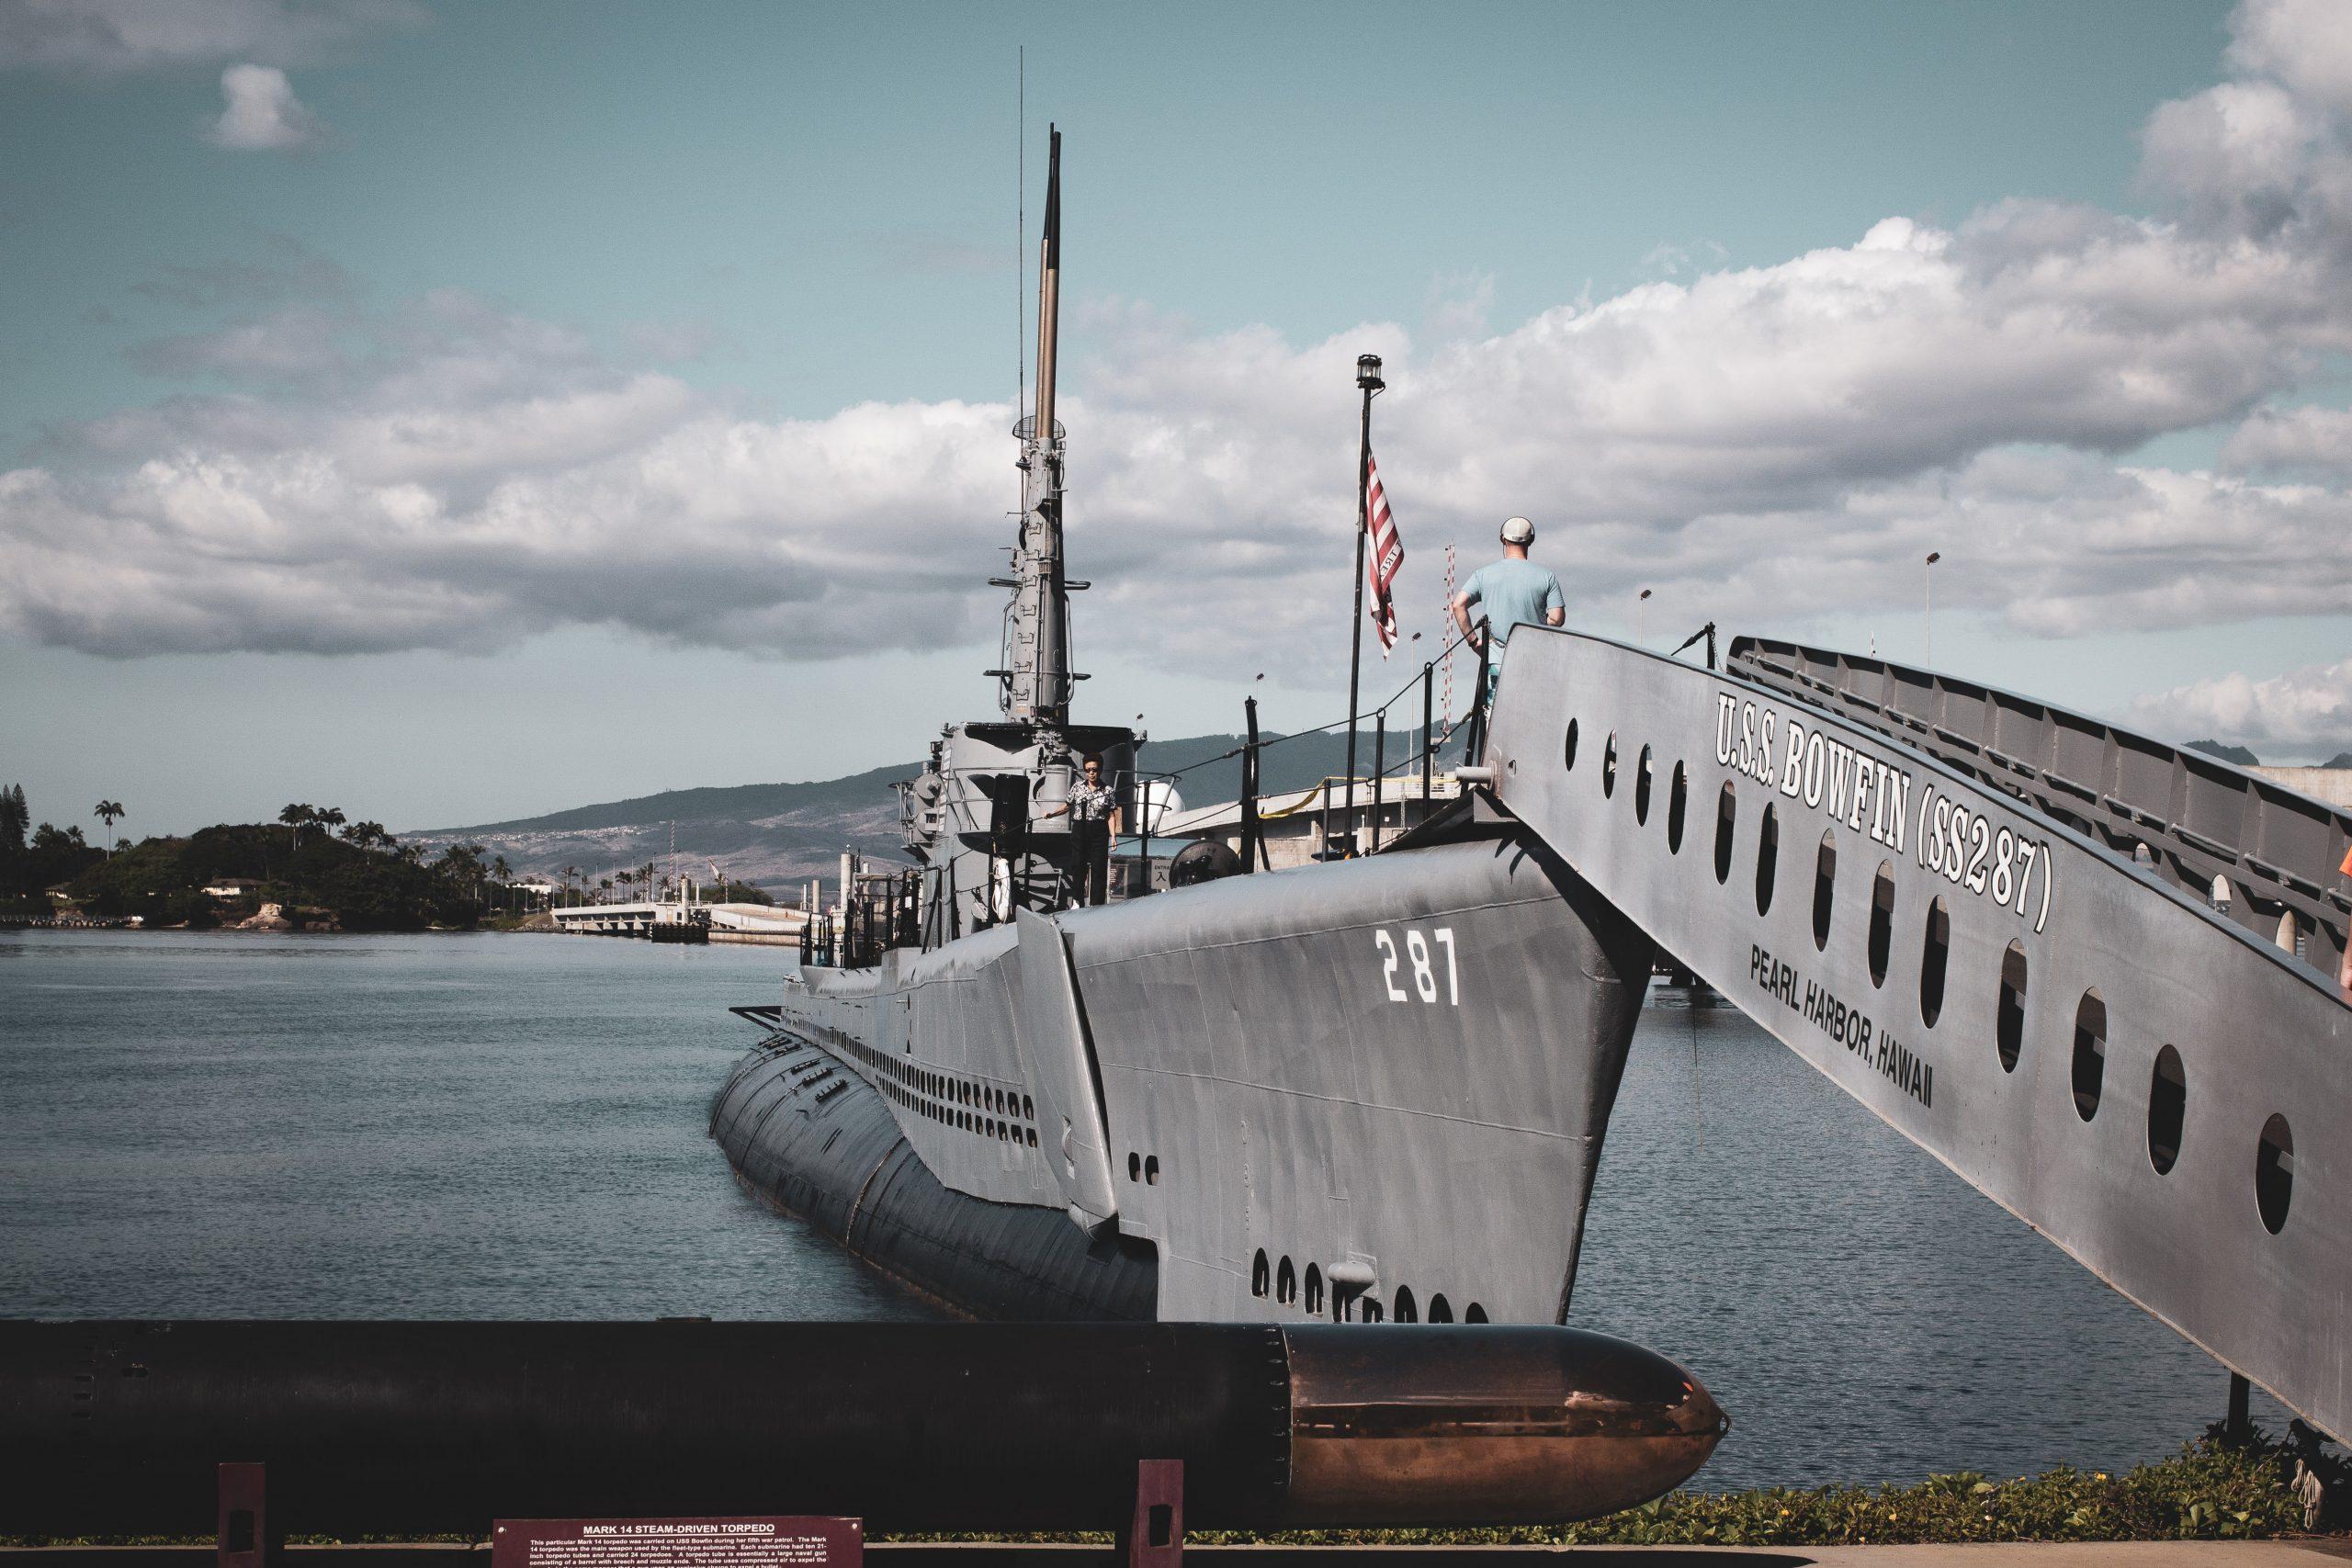 warship at dock